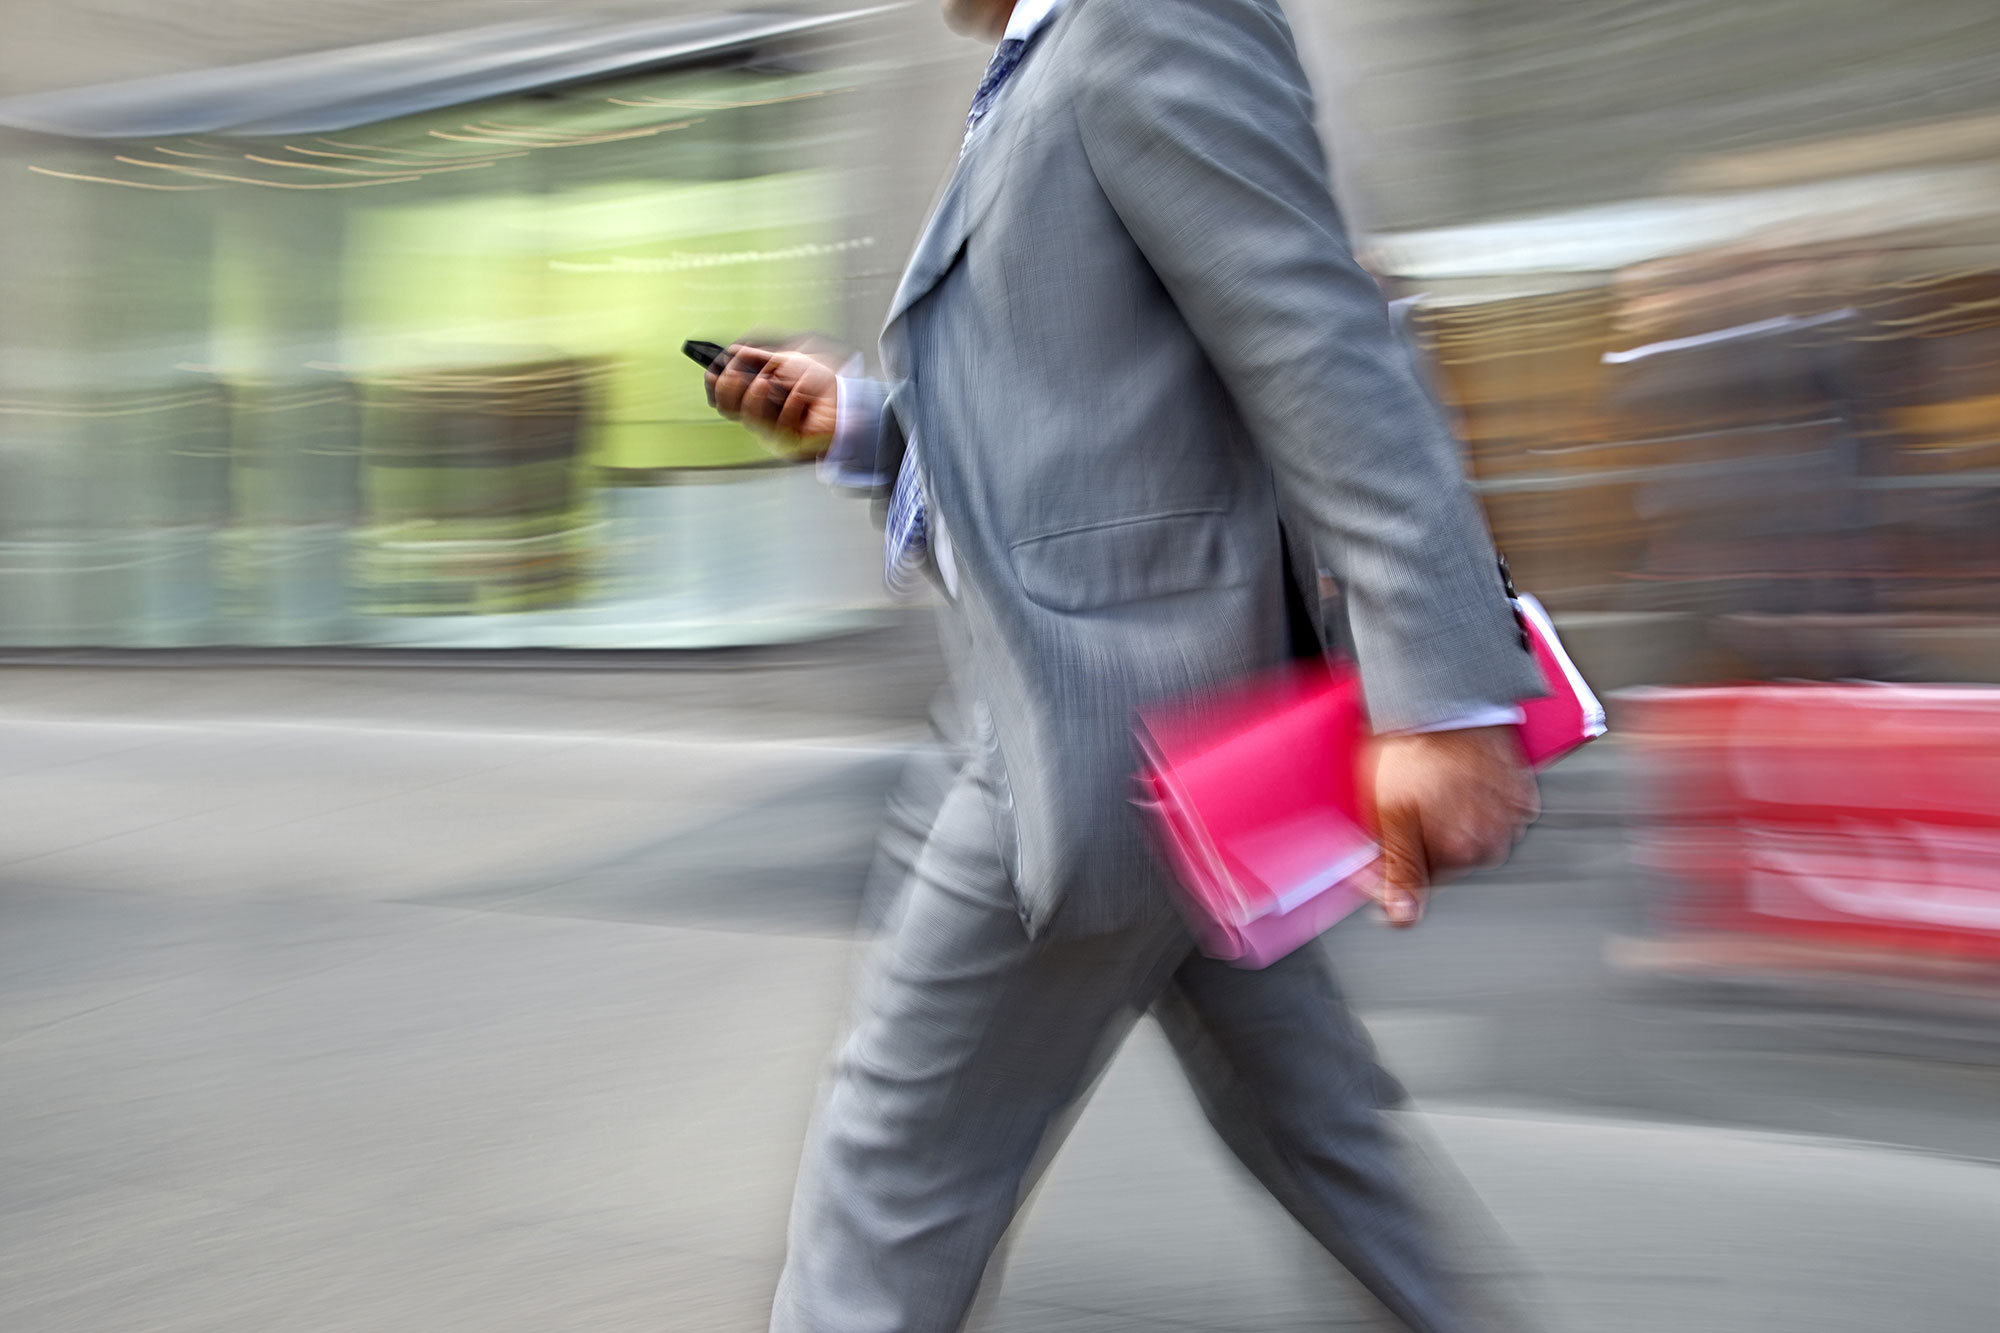 Ook jonge mannen worstelen met balans werk en privé, tijd voor actie